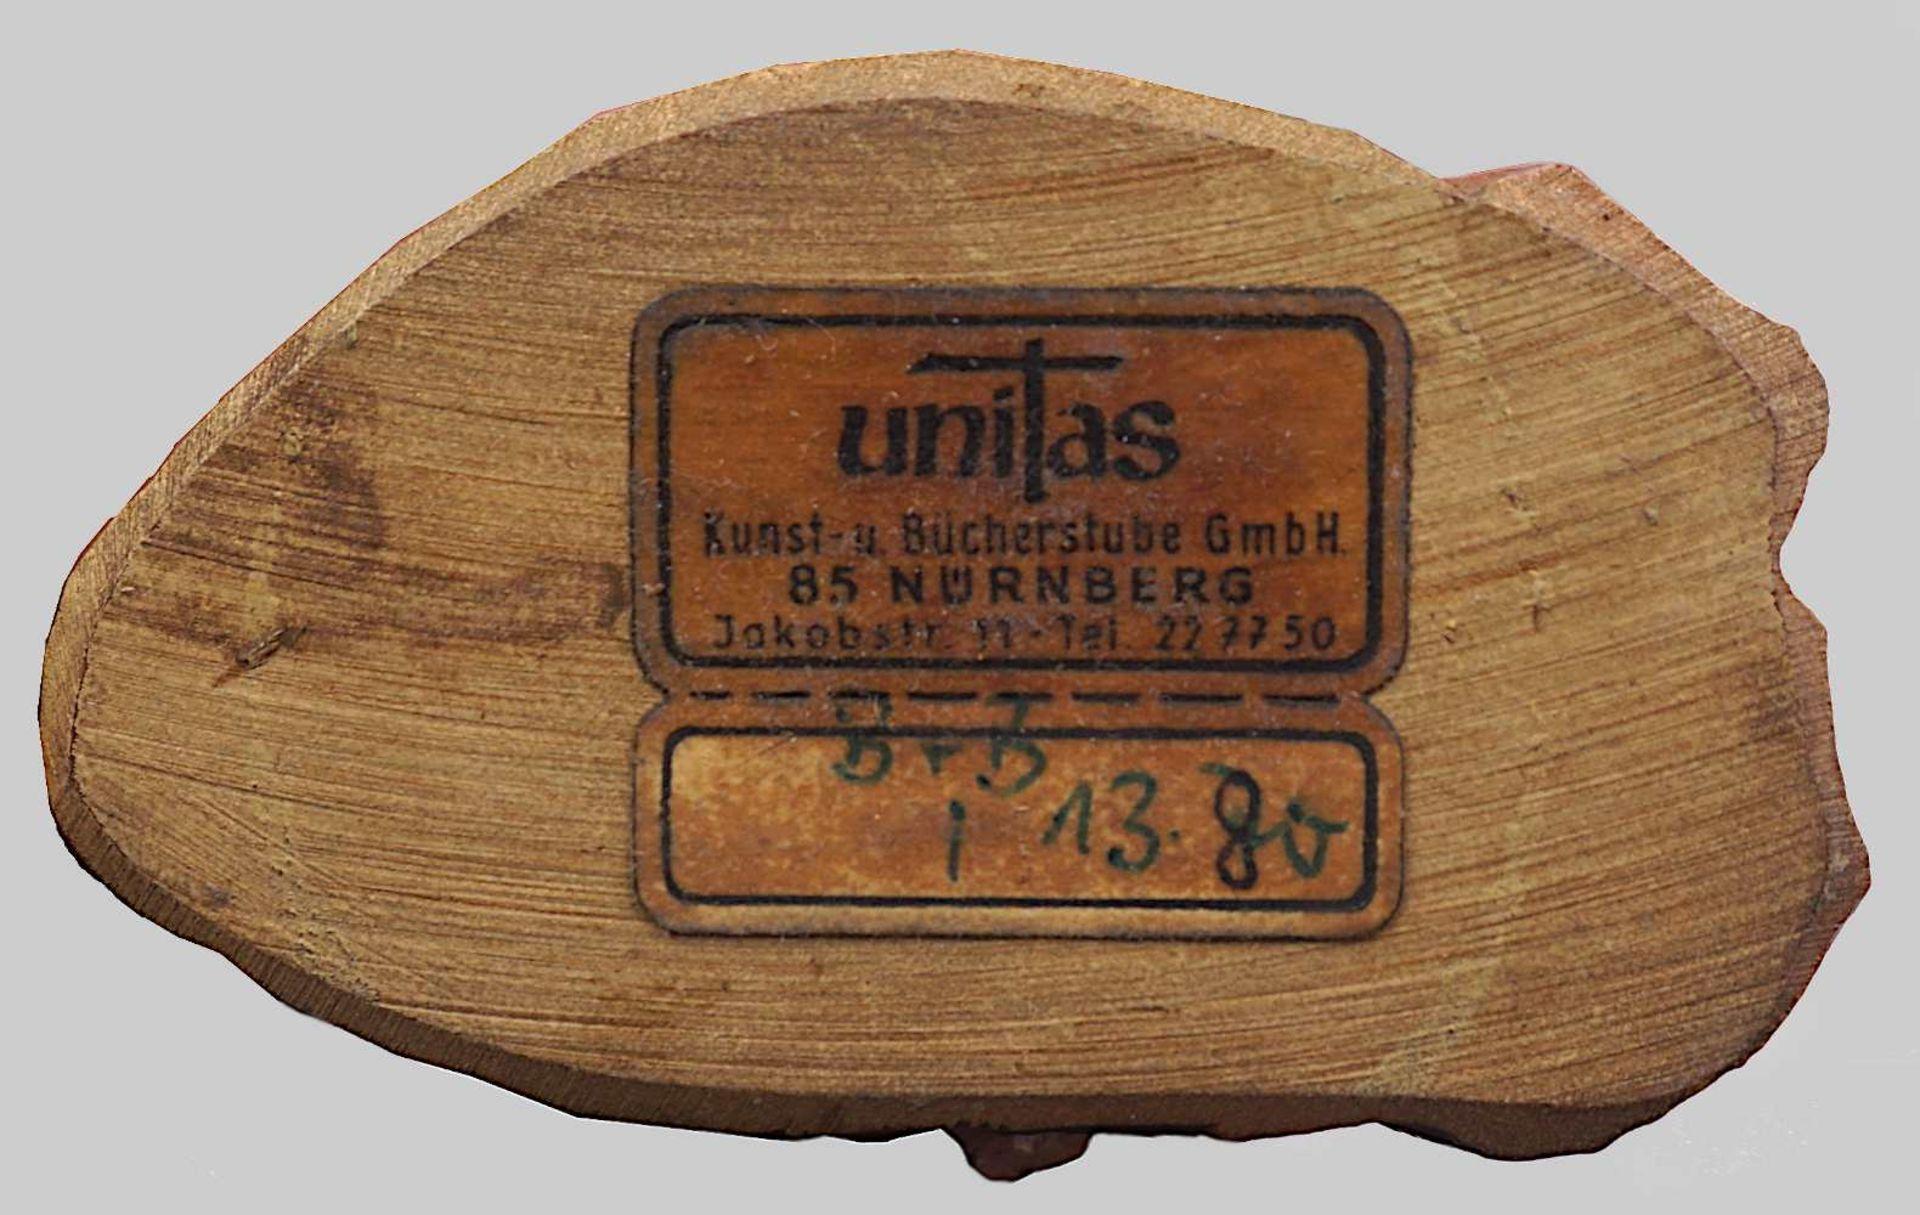 1 Krippe mit Figuren Holz, 20. Jh. z.T. gemarkt UNITAS farbig gefasst, Krippe H ca. 4 - Bild 6 aus 6